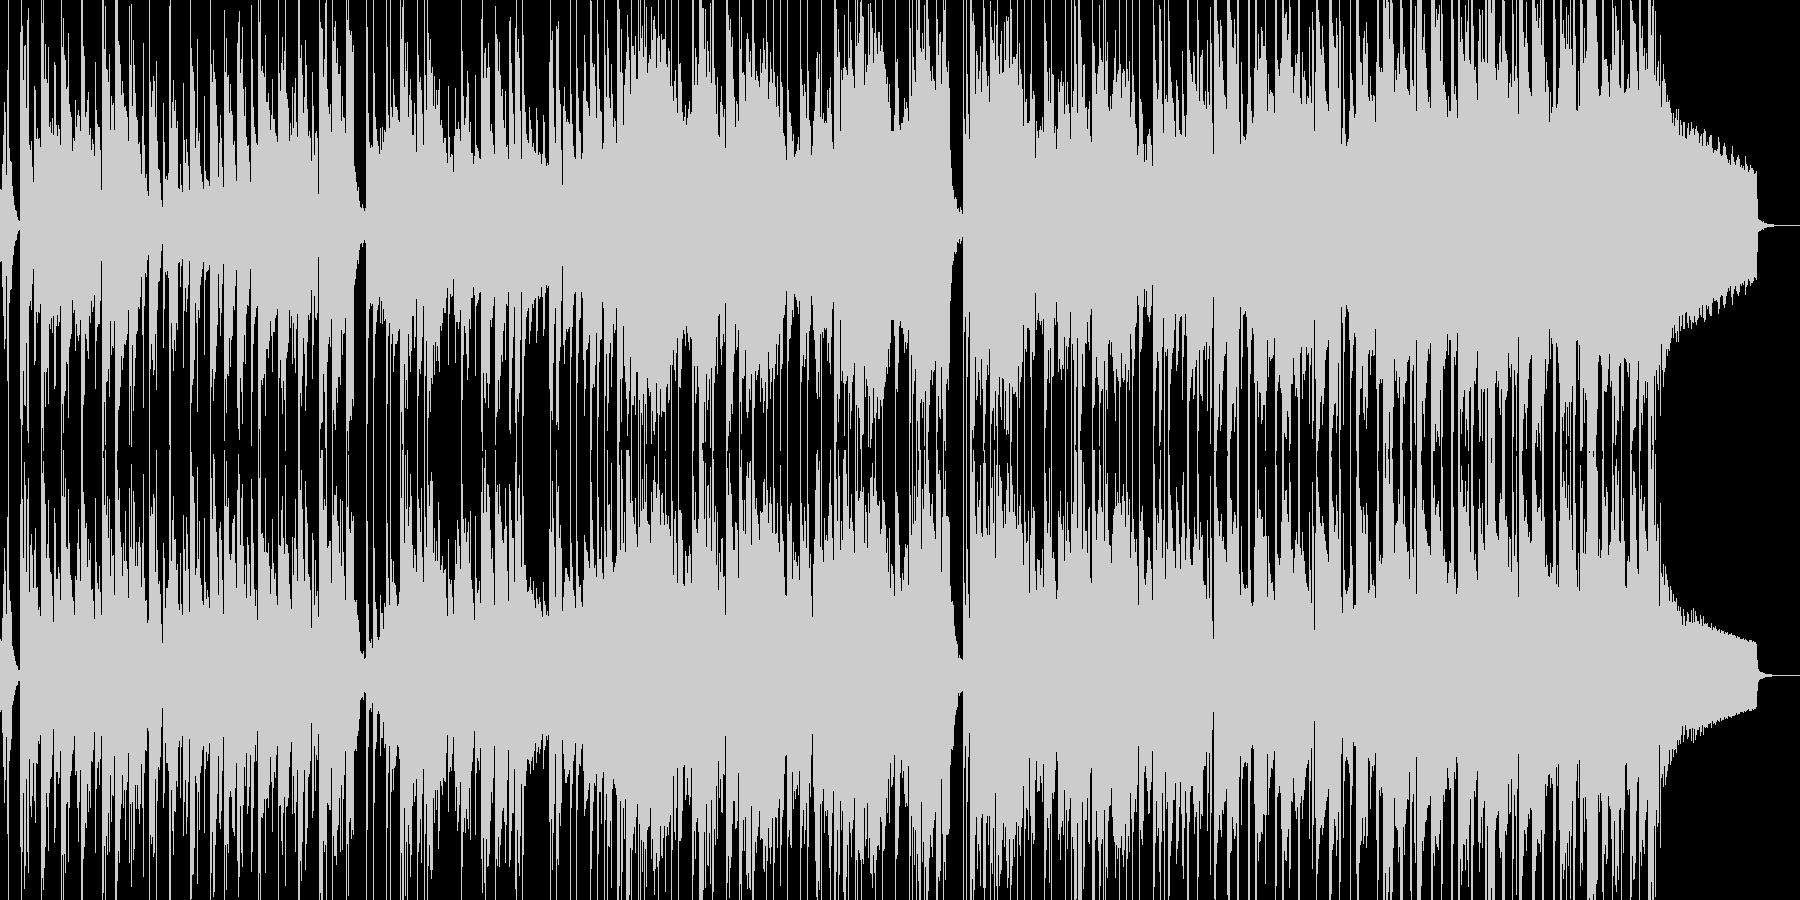 緊迫したゲームバトルシーン等(ロック)1の未再生の波形